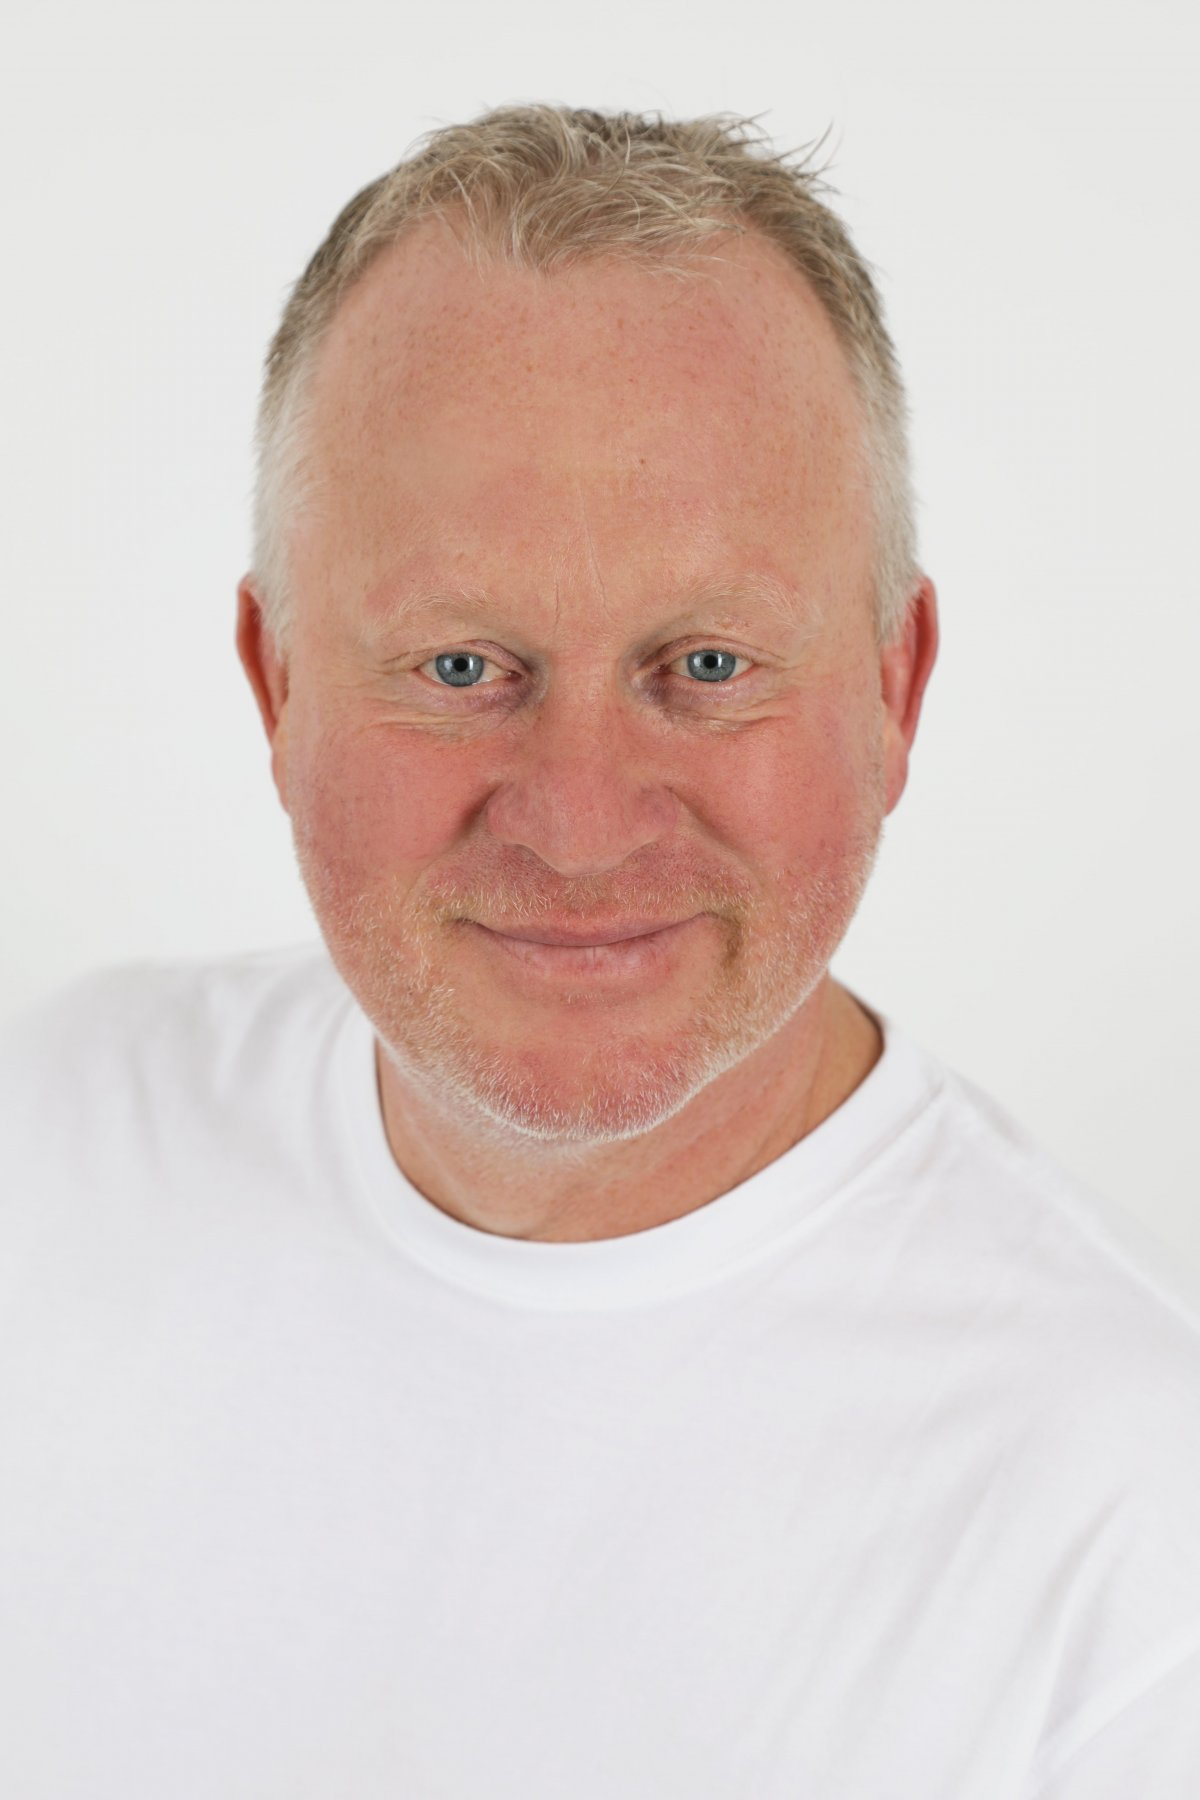 Auf dem Portraitfoto ist Markus Nowotsch zu sehen. Er hat kurzes blond graues Haar und trägt einen leichten Vollbart. Auf dem Bild hat er ein weißes T-Shirt an.